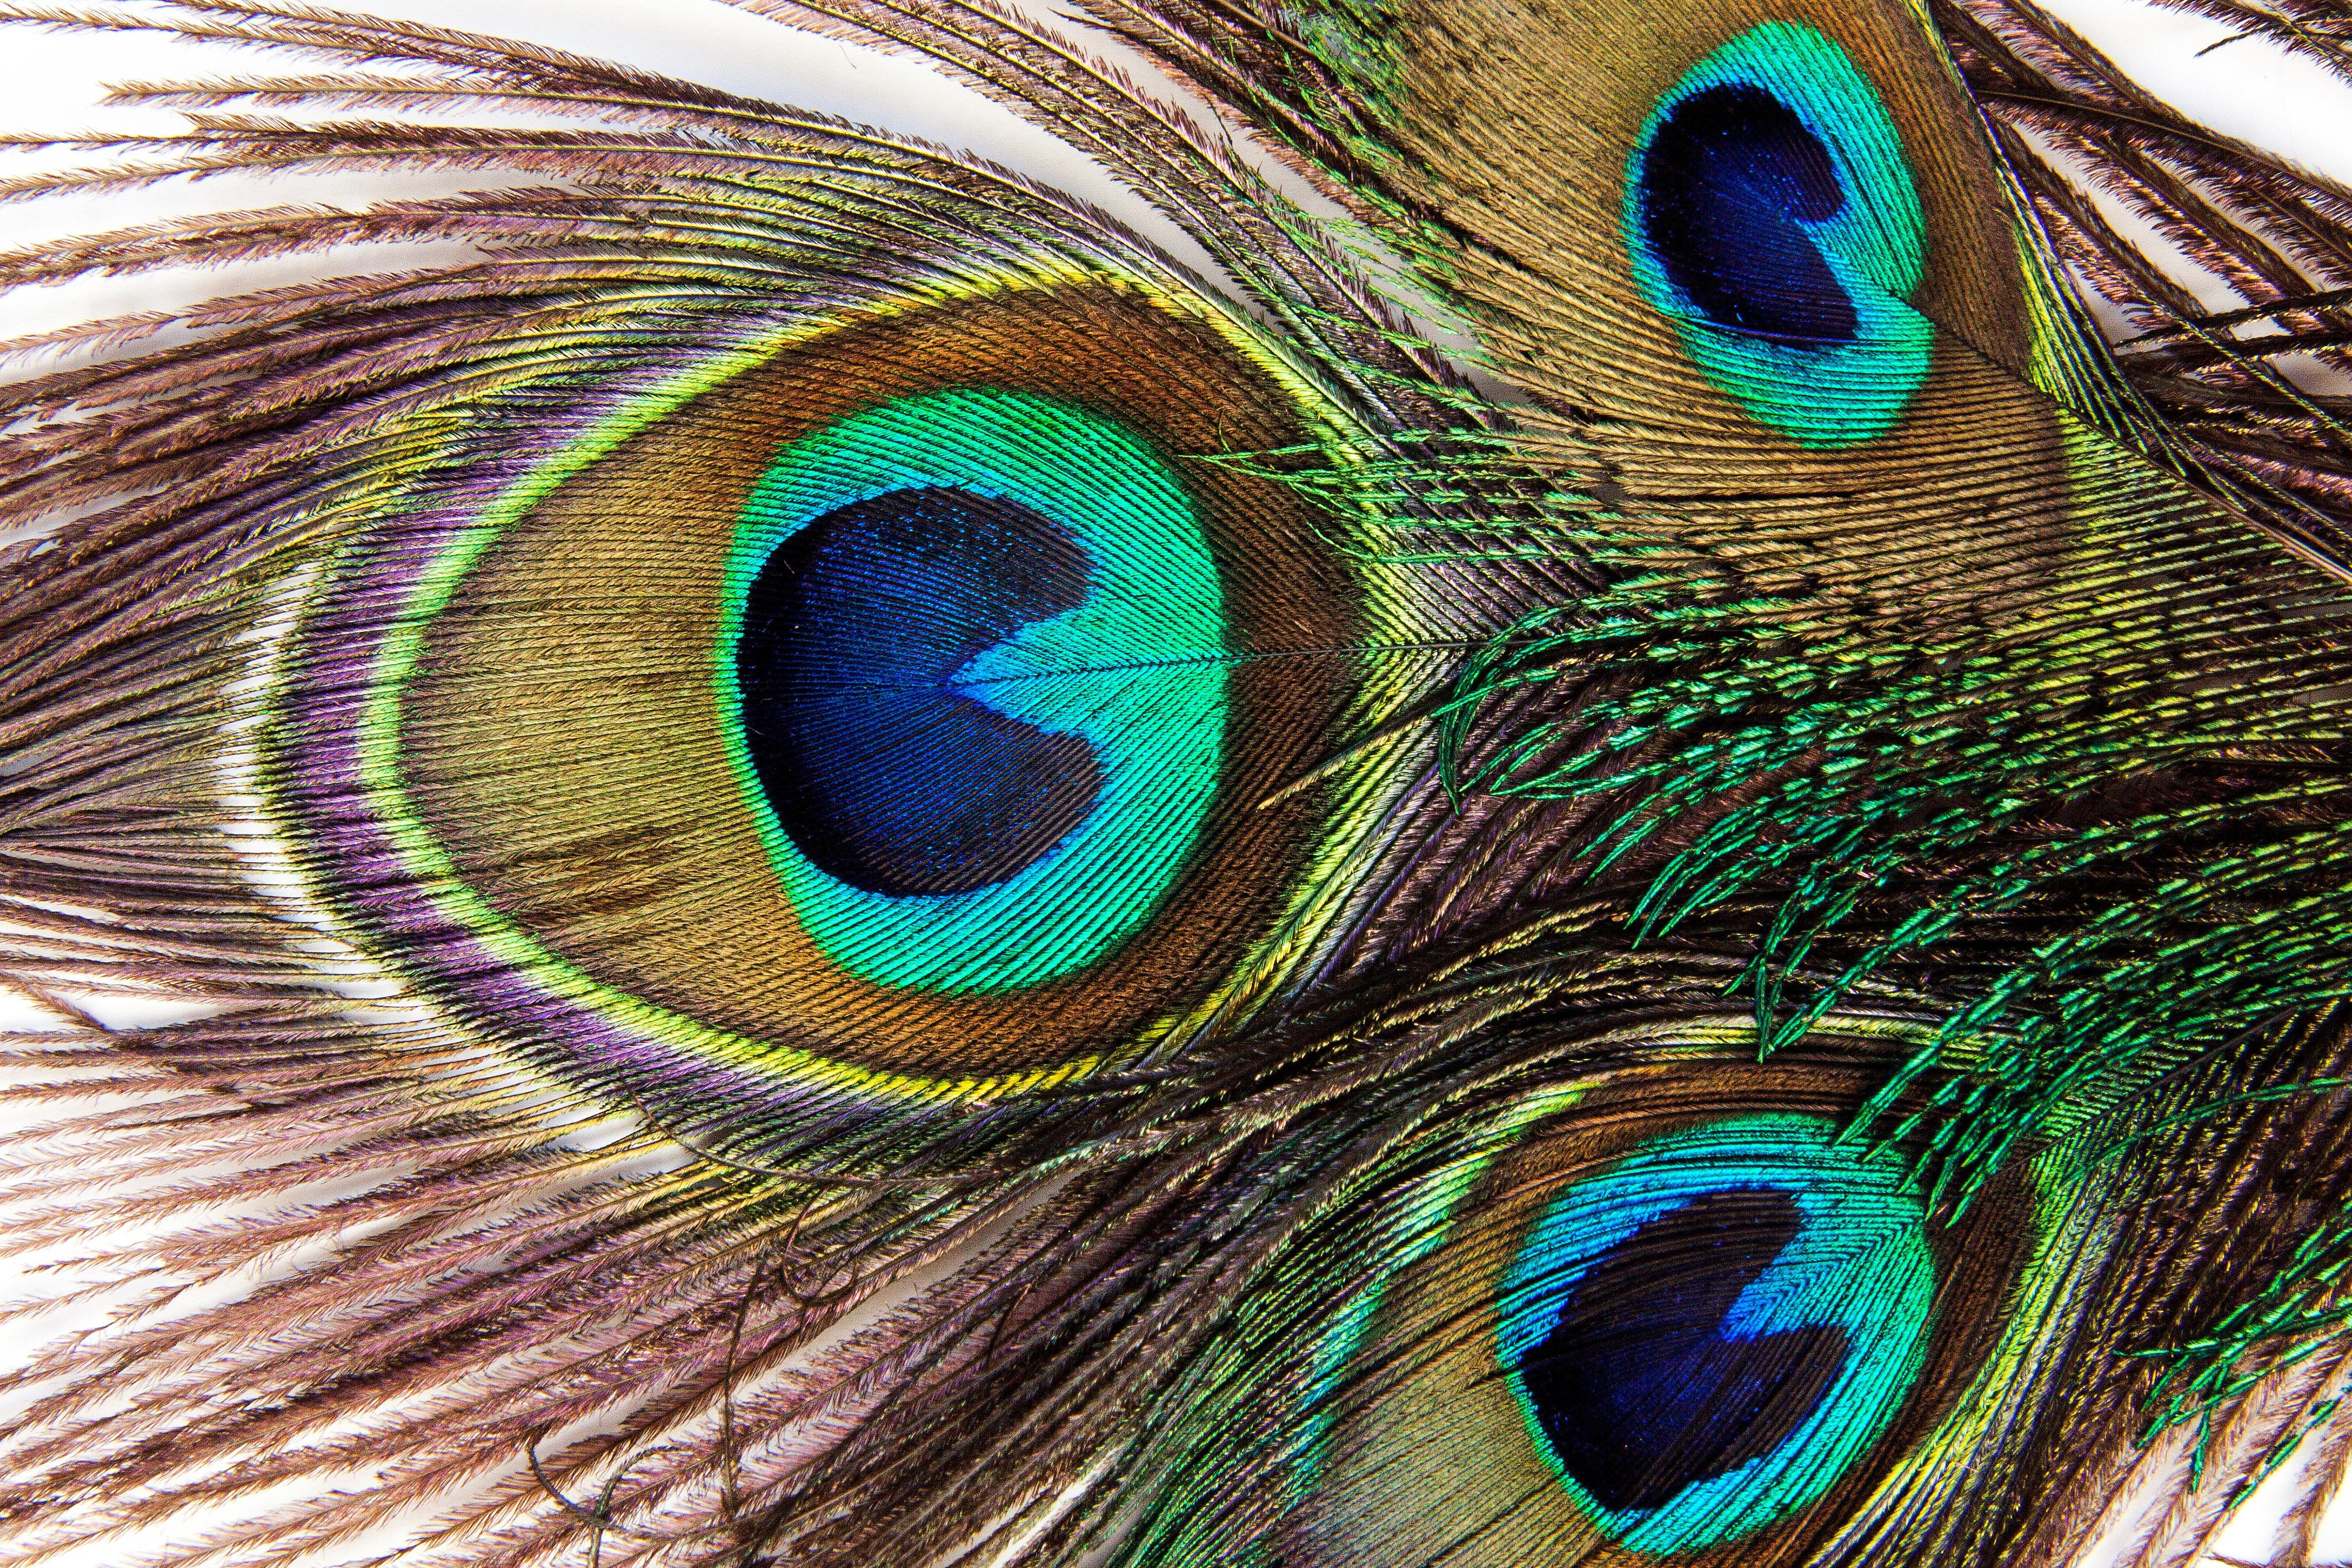 Immagini Belle Uccello Struttura Becco Macro Colorato Fauna